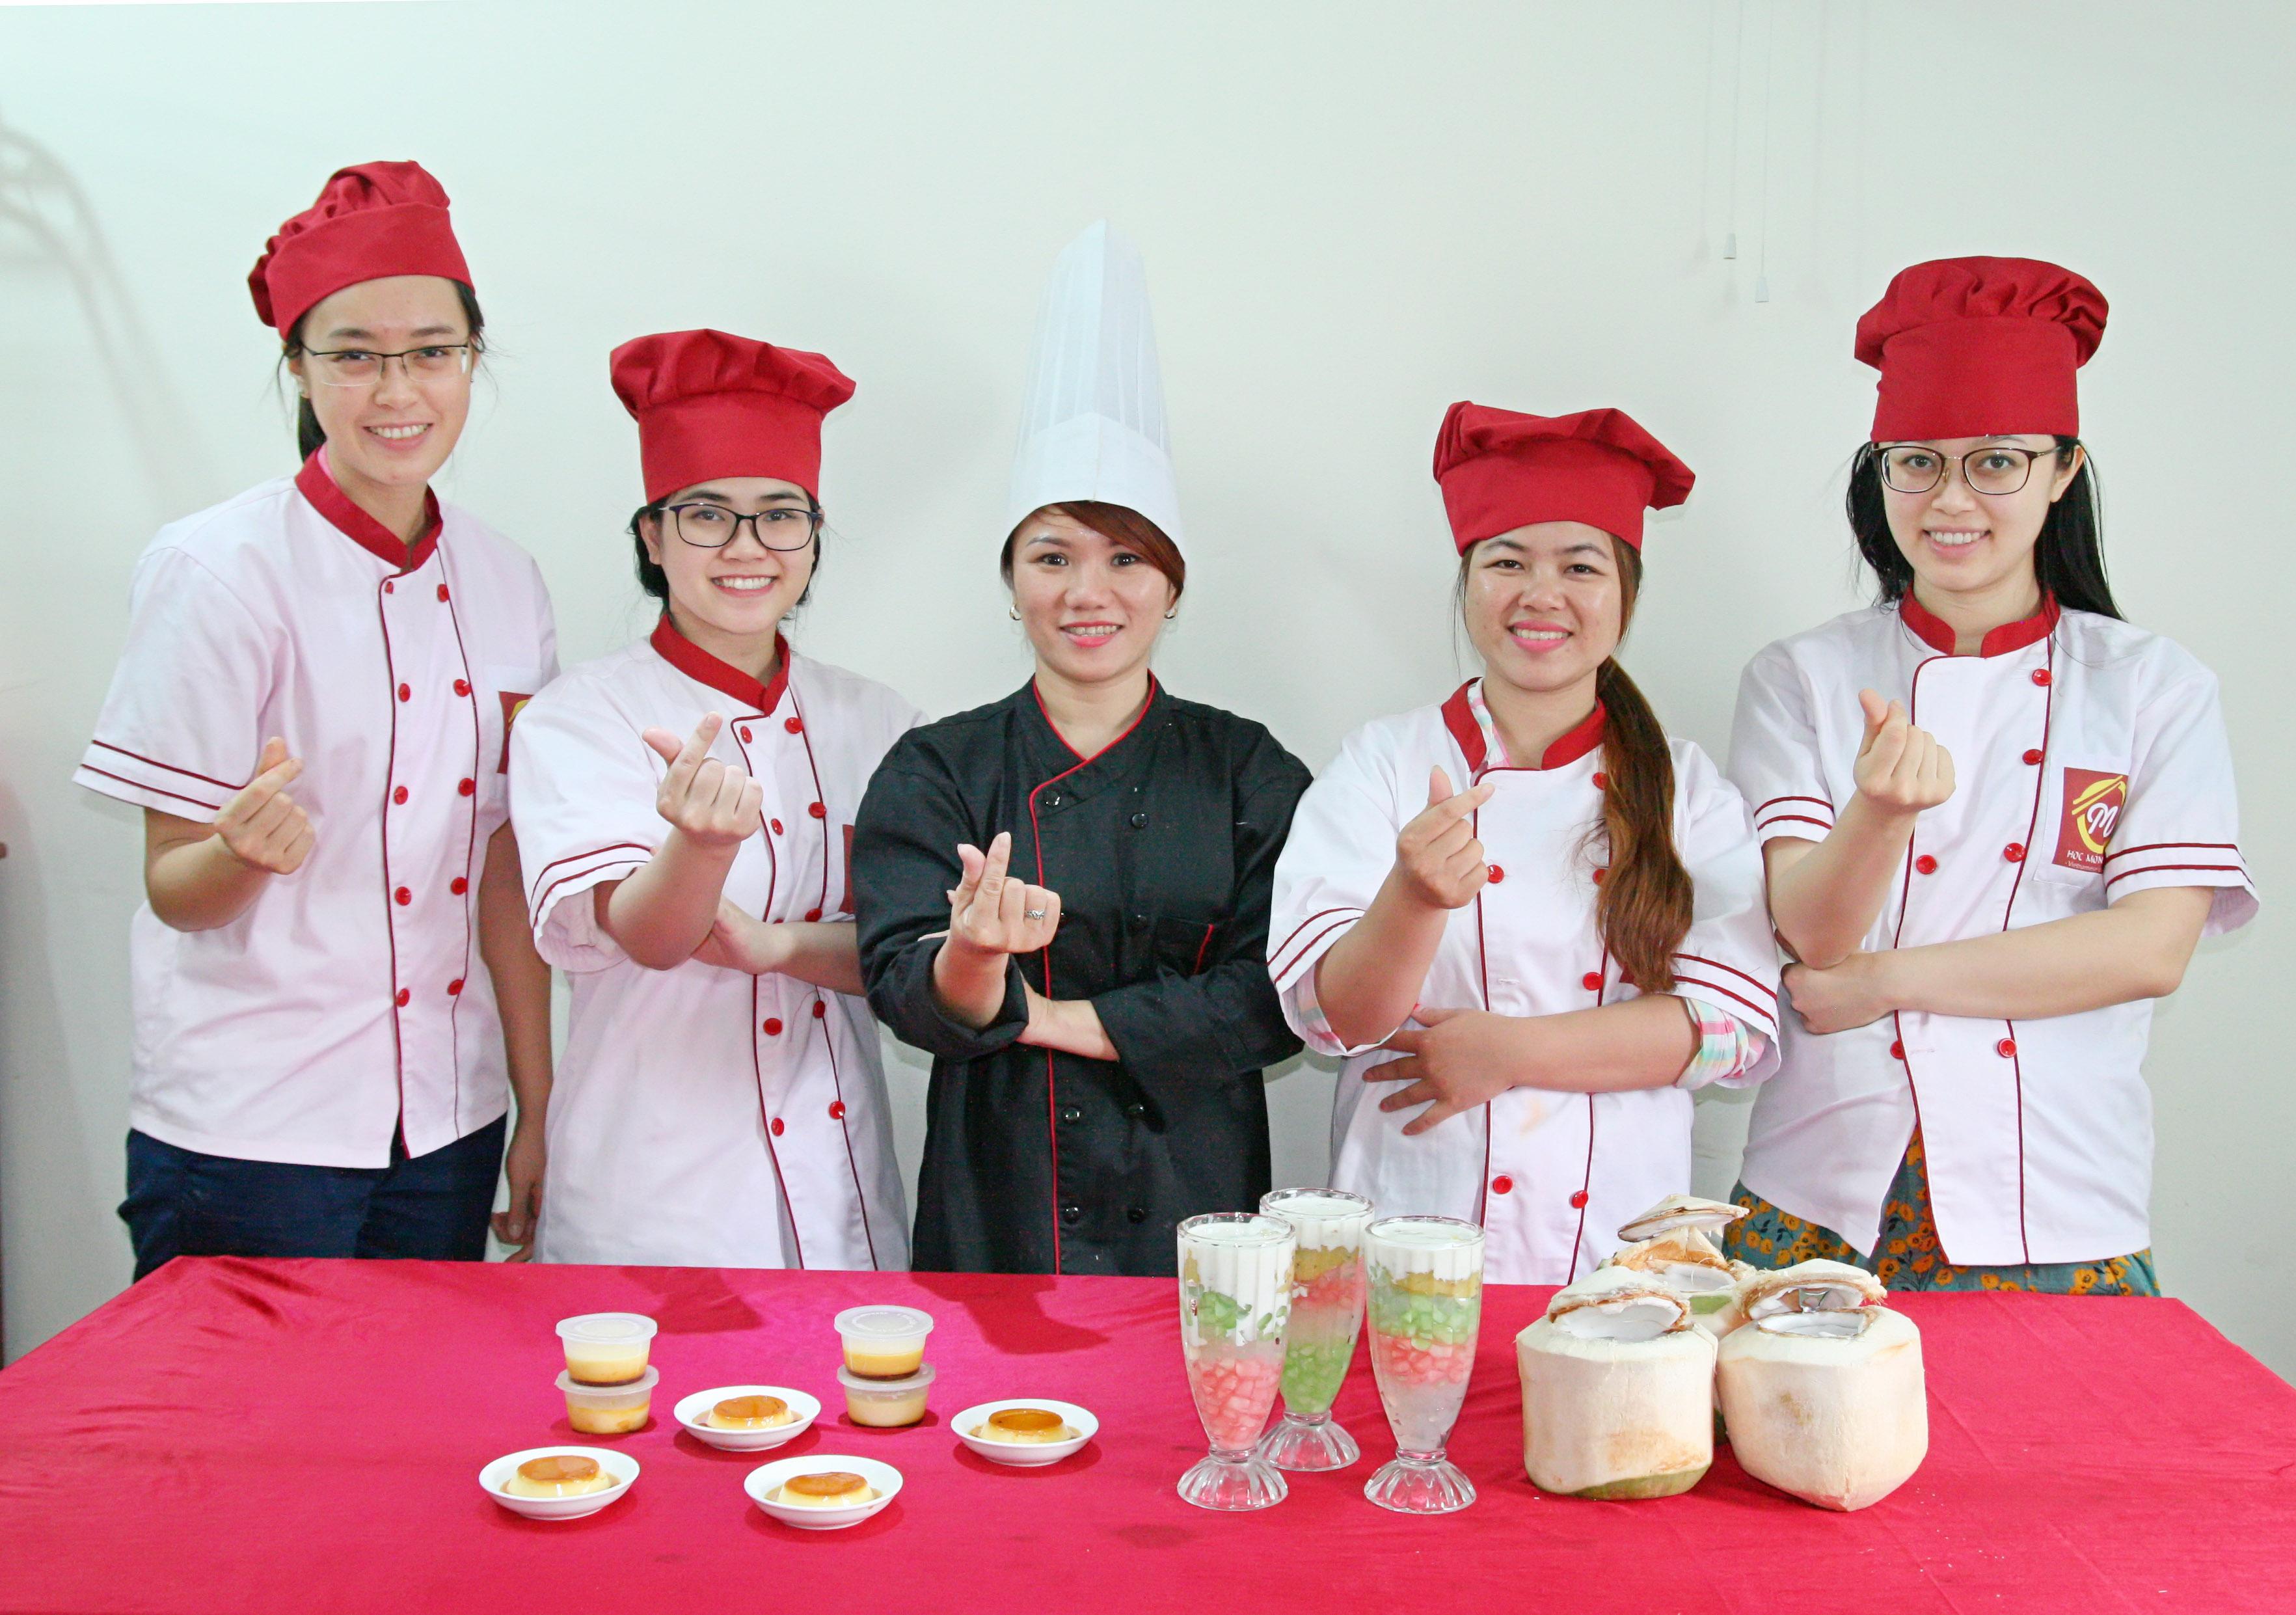 Hình ảnh anh Lê Văn Hiển cùng với Thầy Lưu Minh Dũng và các bạn đồng môn khóa Bếp Trưởng K38. Và hình ảnh anh bên mô hình kinh doanh của mình